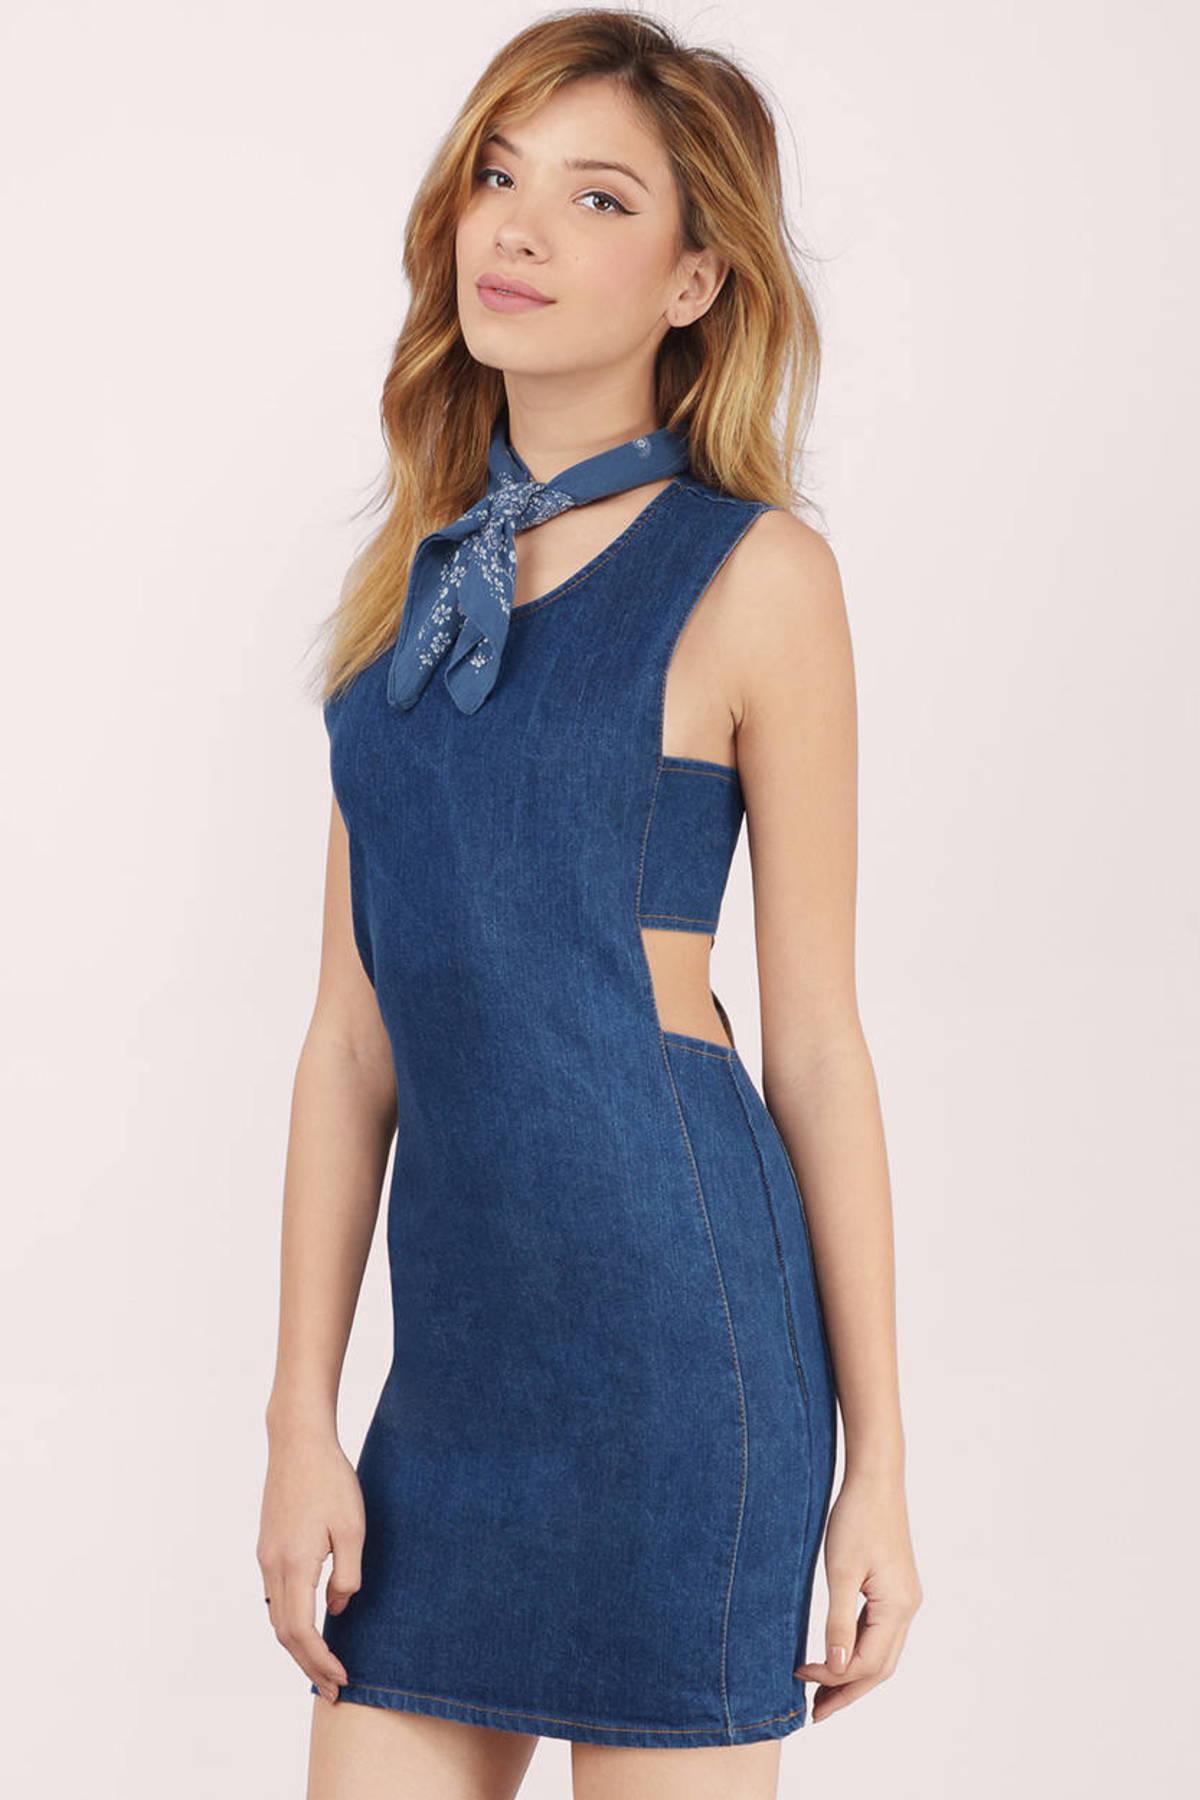 Cute Dark Wash  Bodycon Dress - Blue Dress - Denim Dress - $16.00